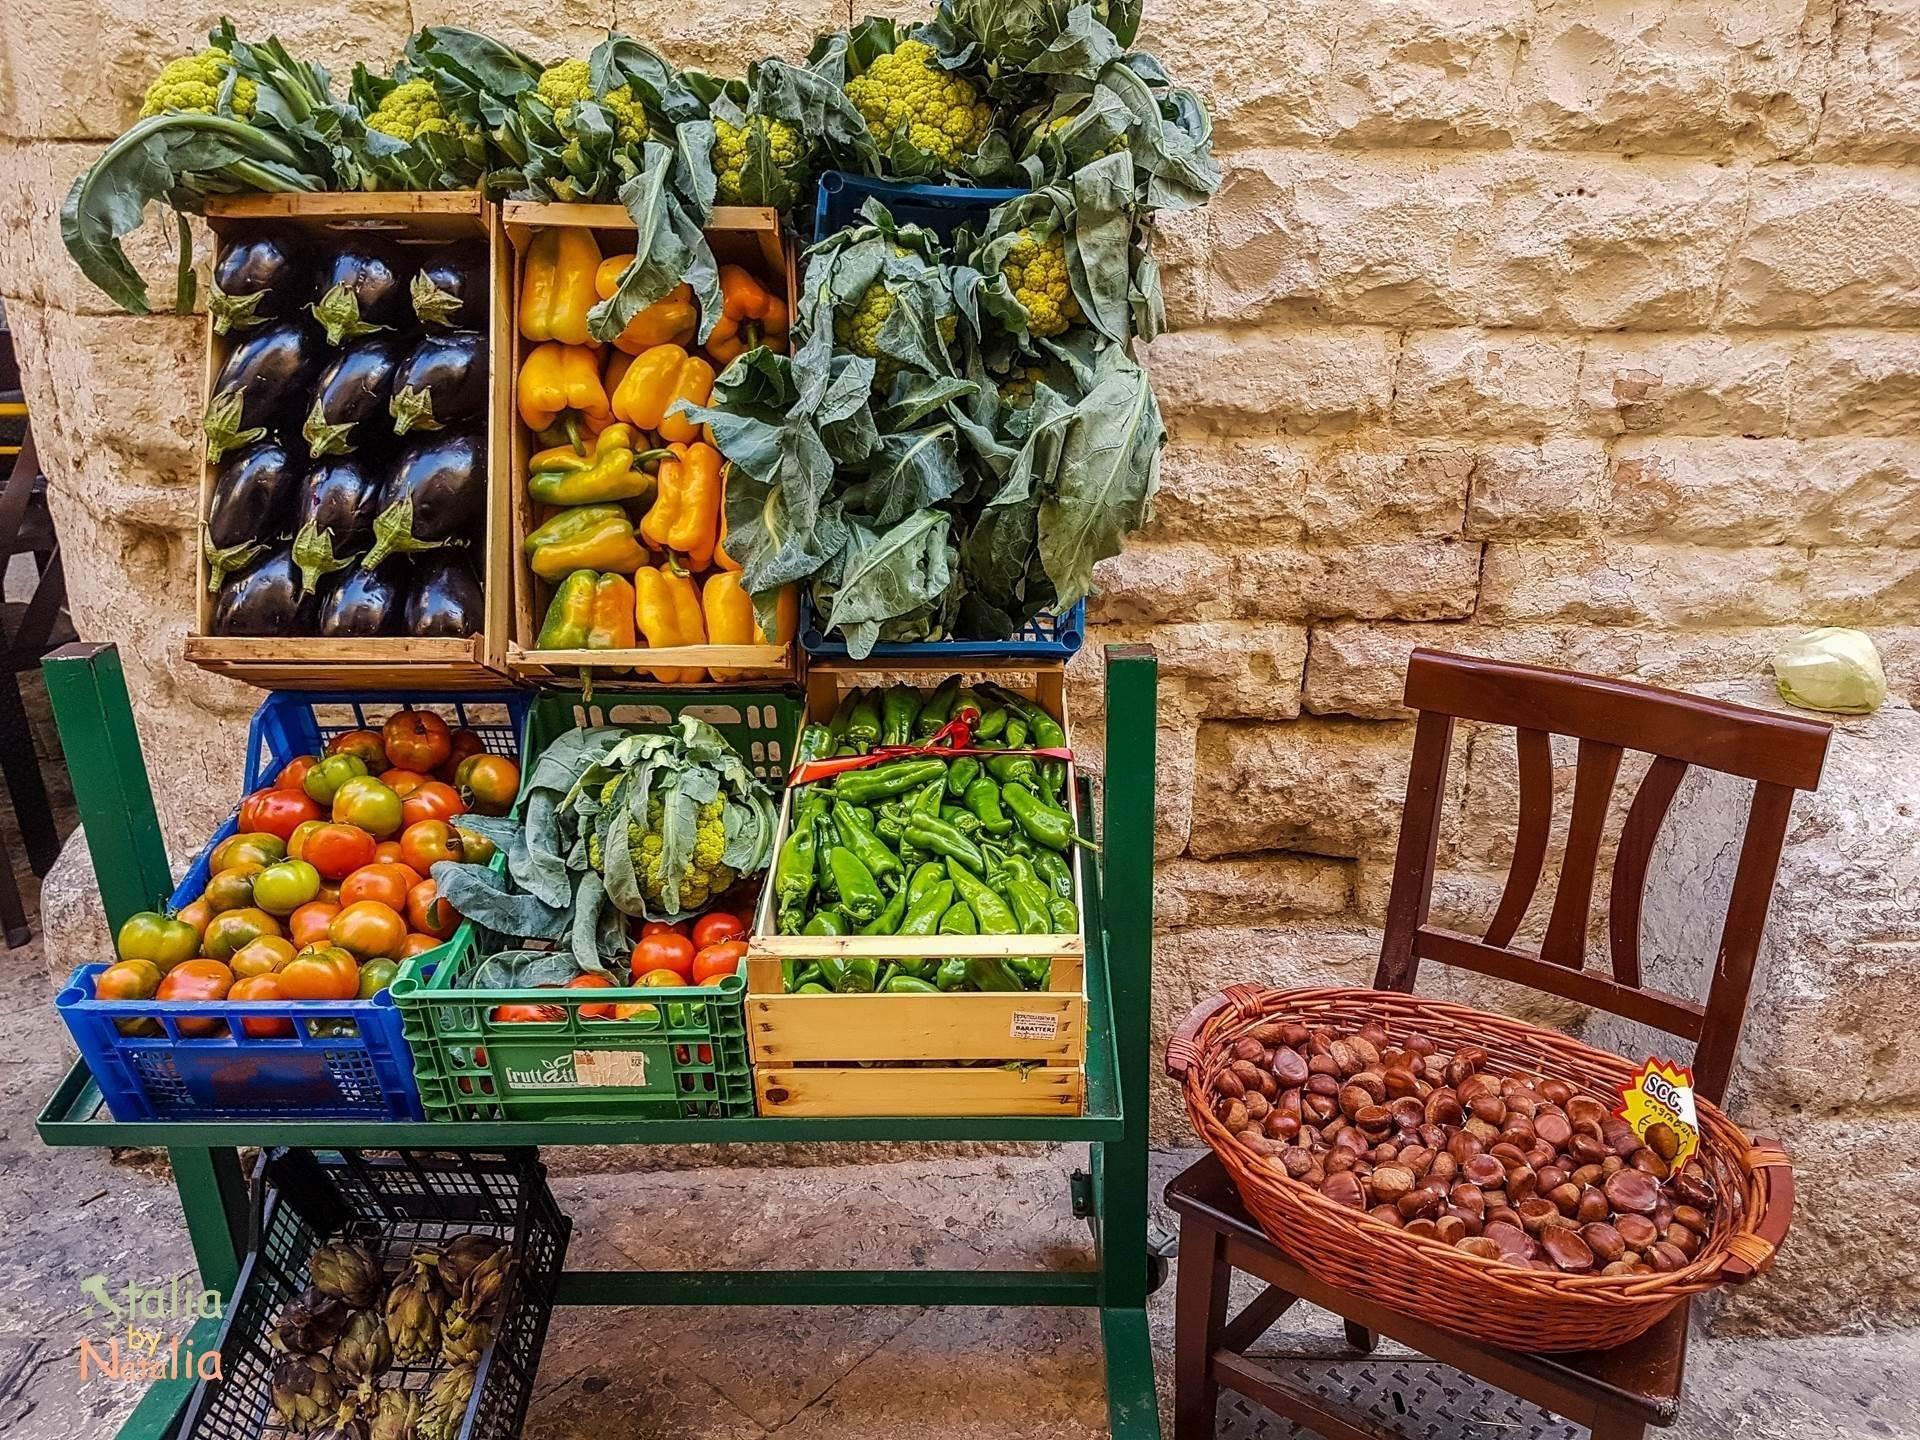 Bari Apulia zwiedzanie stragan z warzywami owocami stare miasto